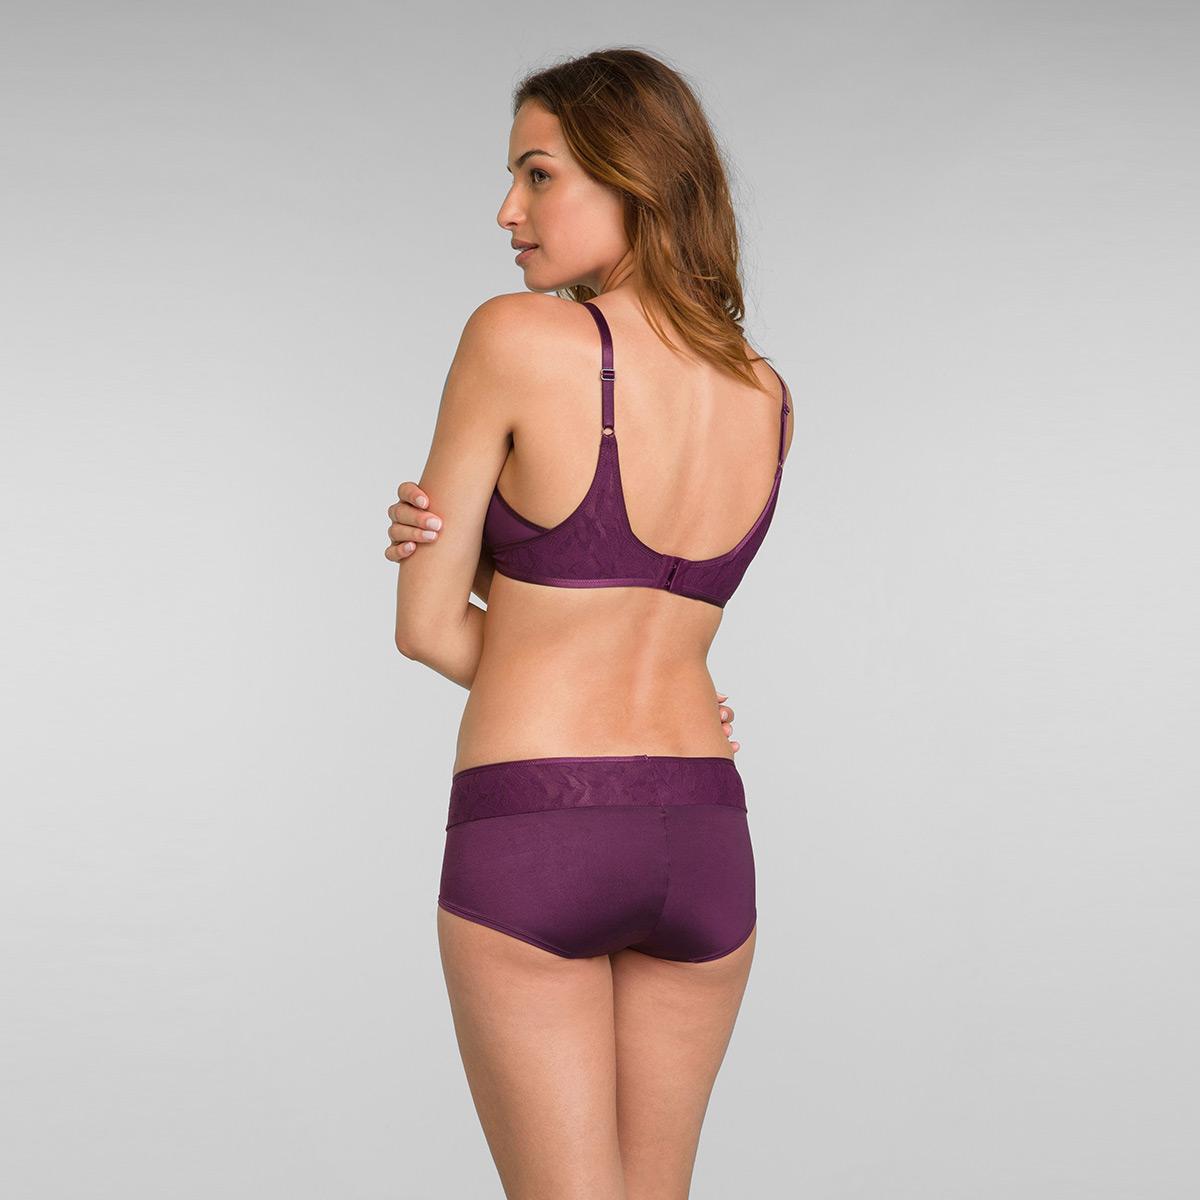 Soutien-gorge dentelle prune sans armatures Ideal Beauty Lace, , PLAYTEX